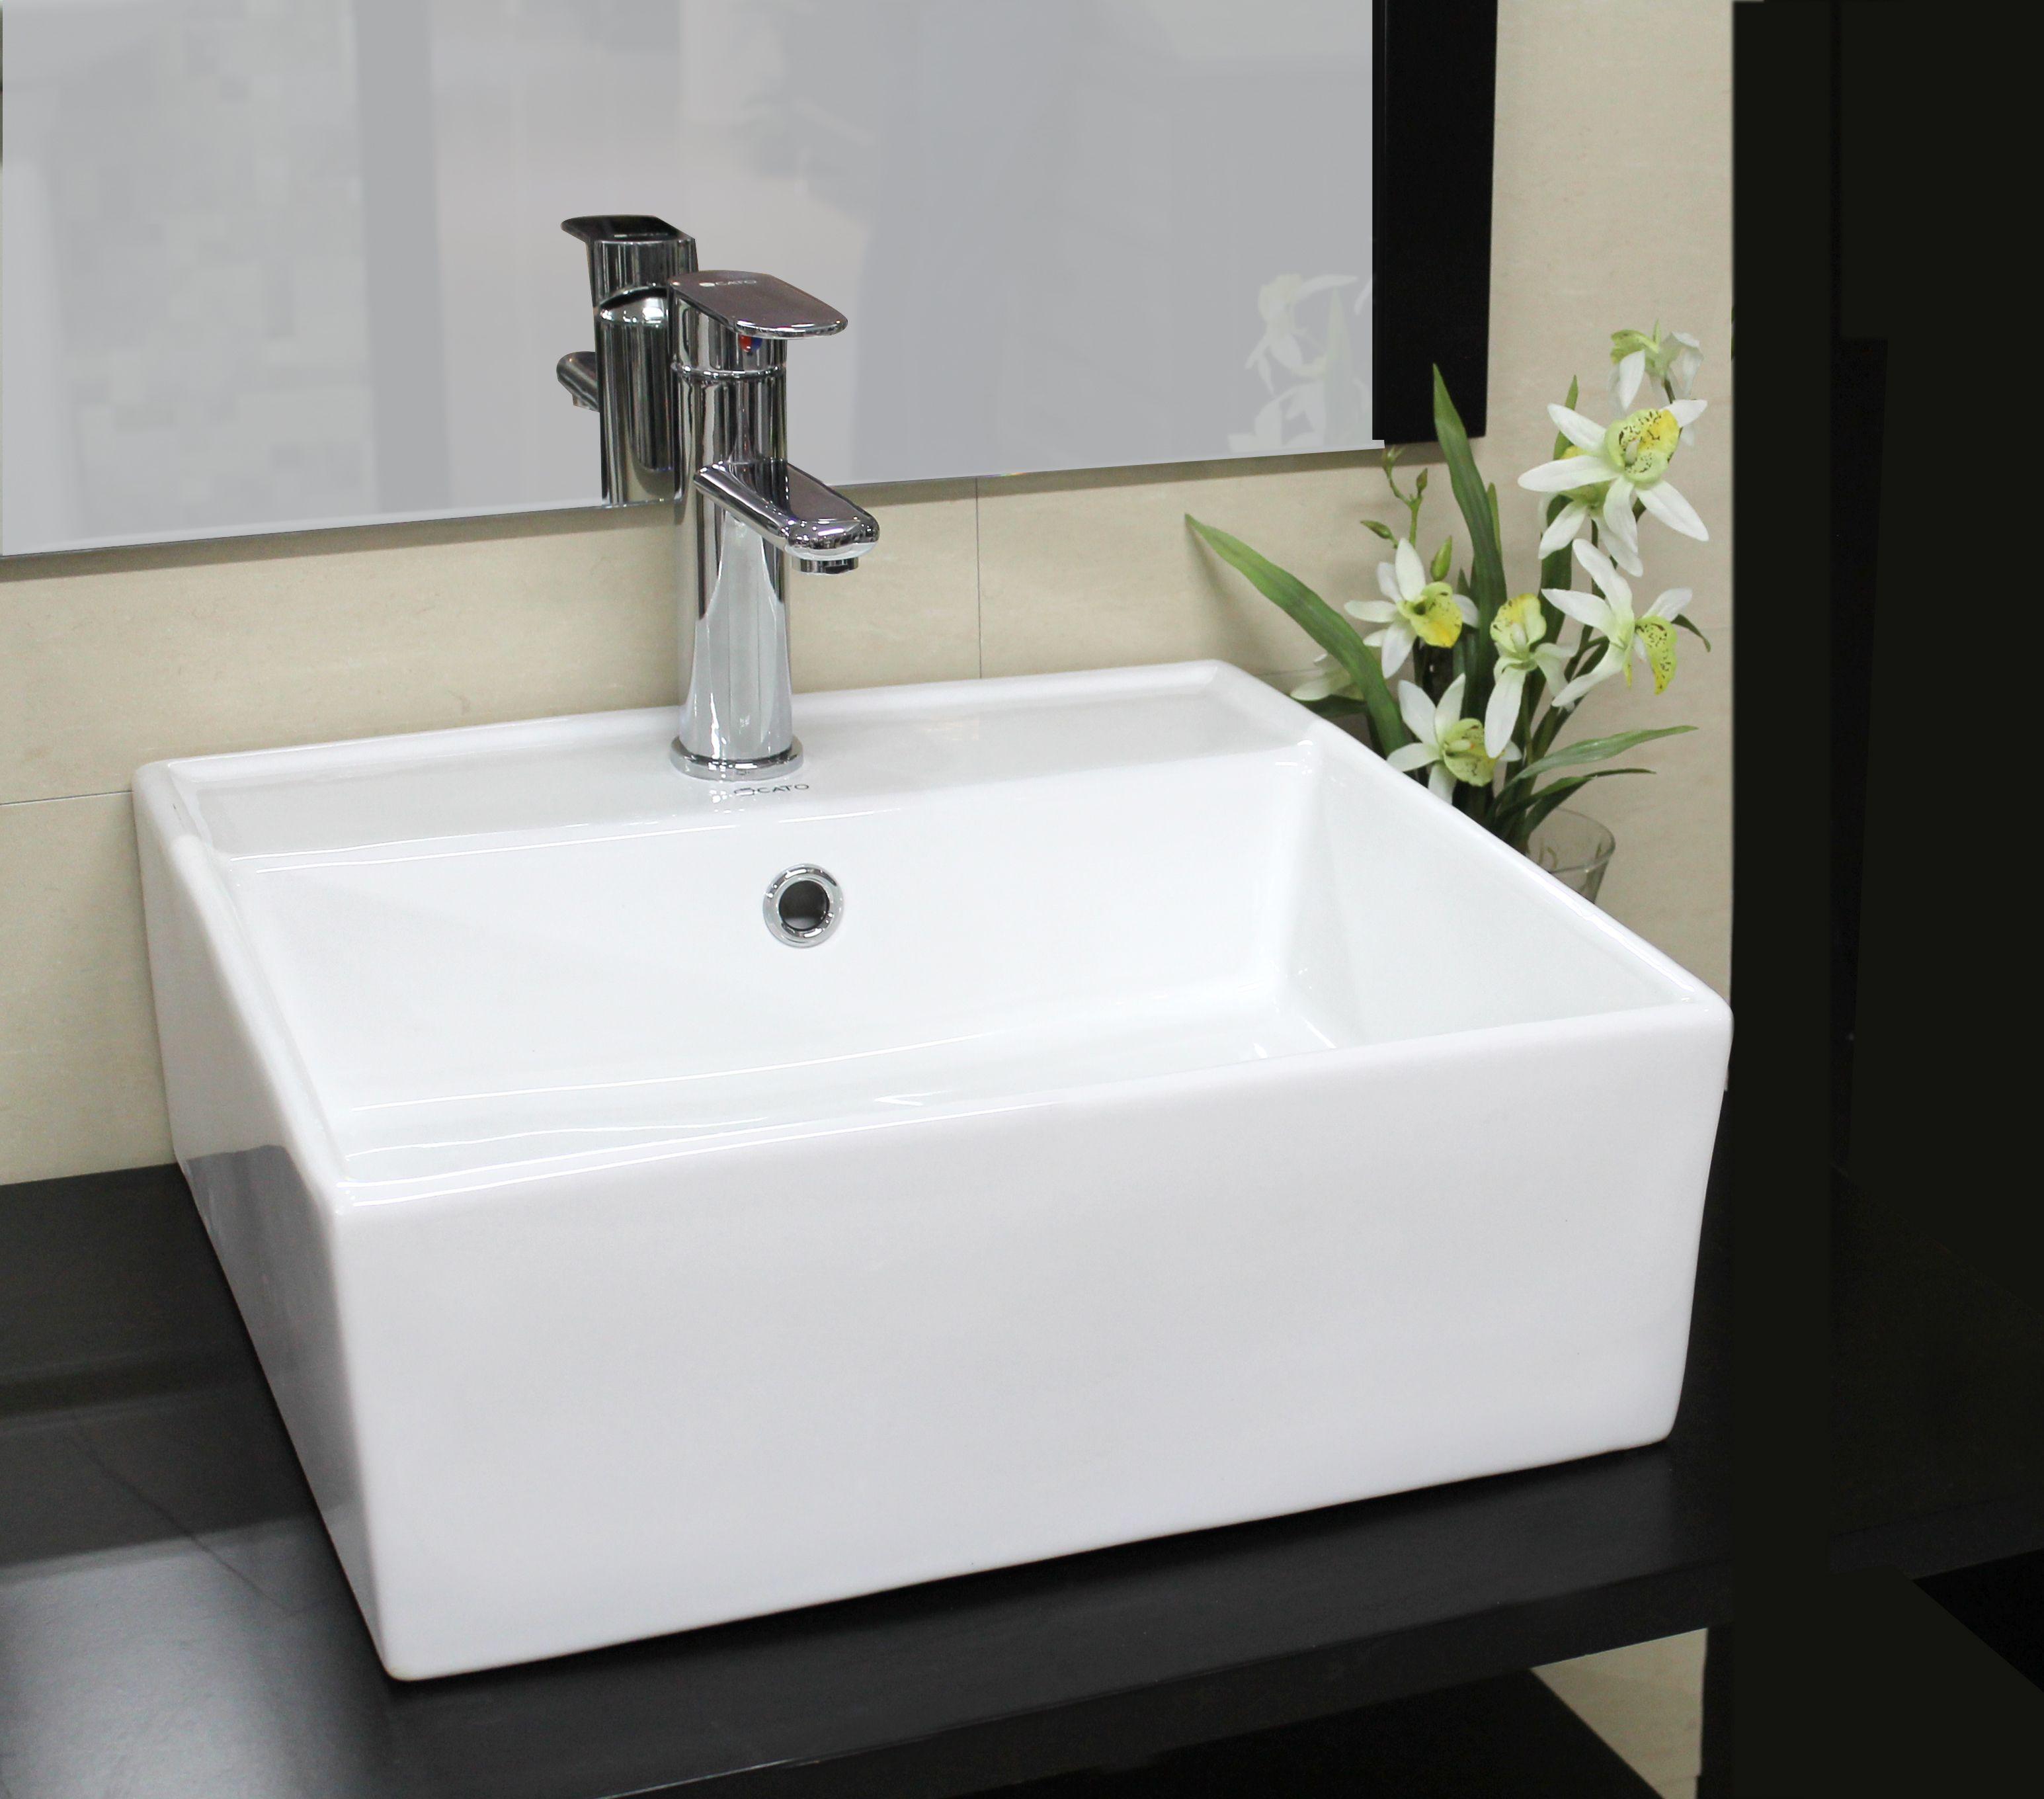 Lavabo minimalista de la l nea premium de cato cuadrato Sanitarios y accesorios para bano